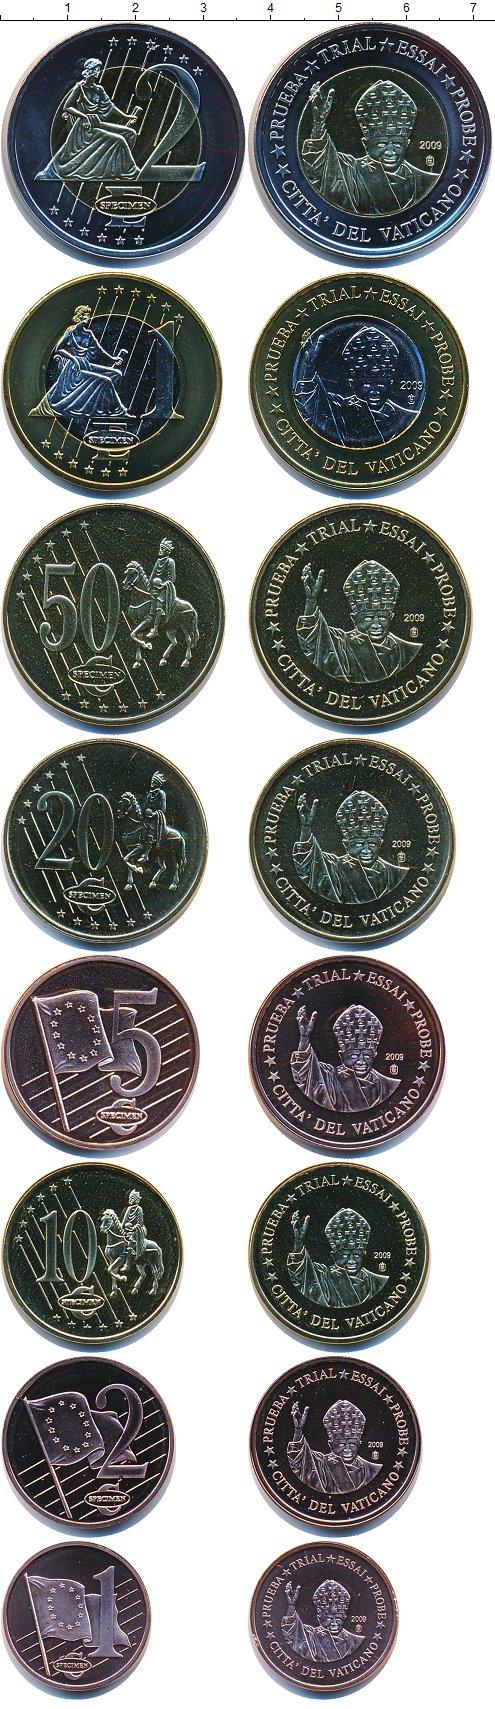 Картинка Подарочные монеты Ватикан Европроба 2009  2009